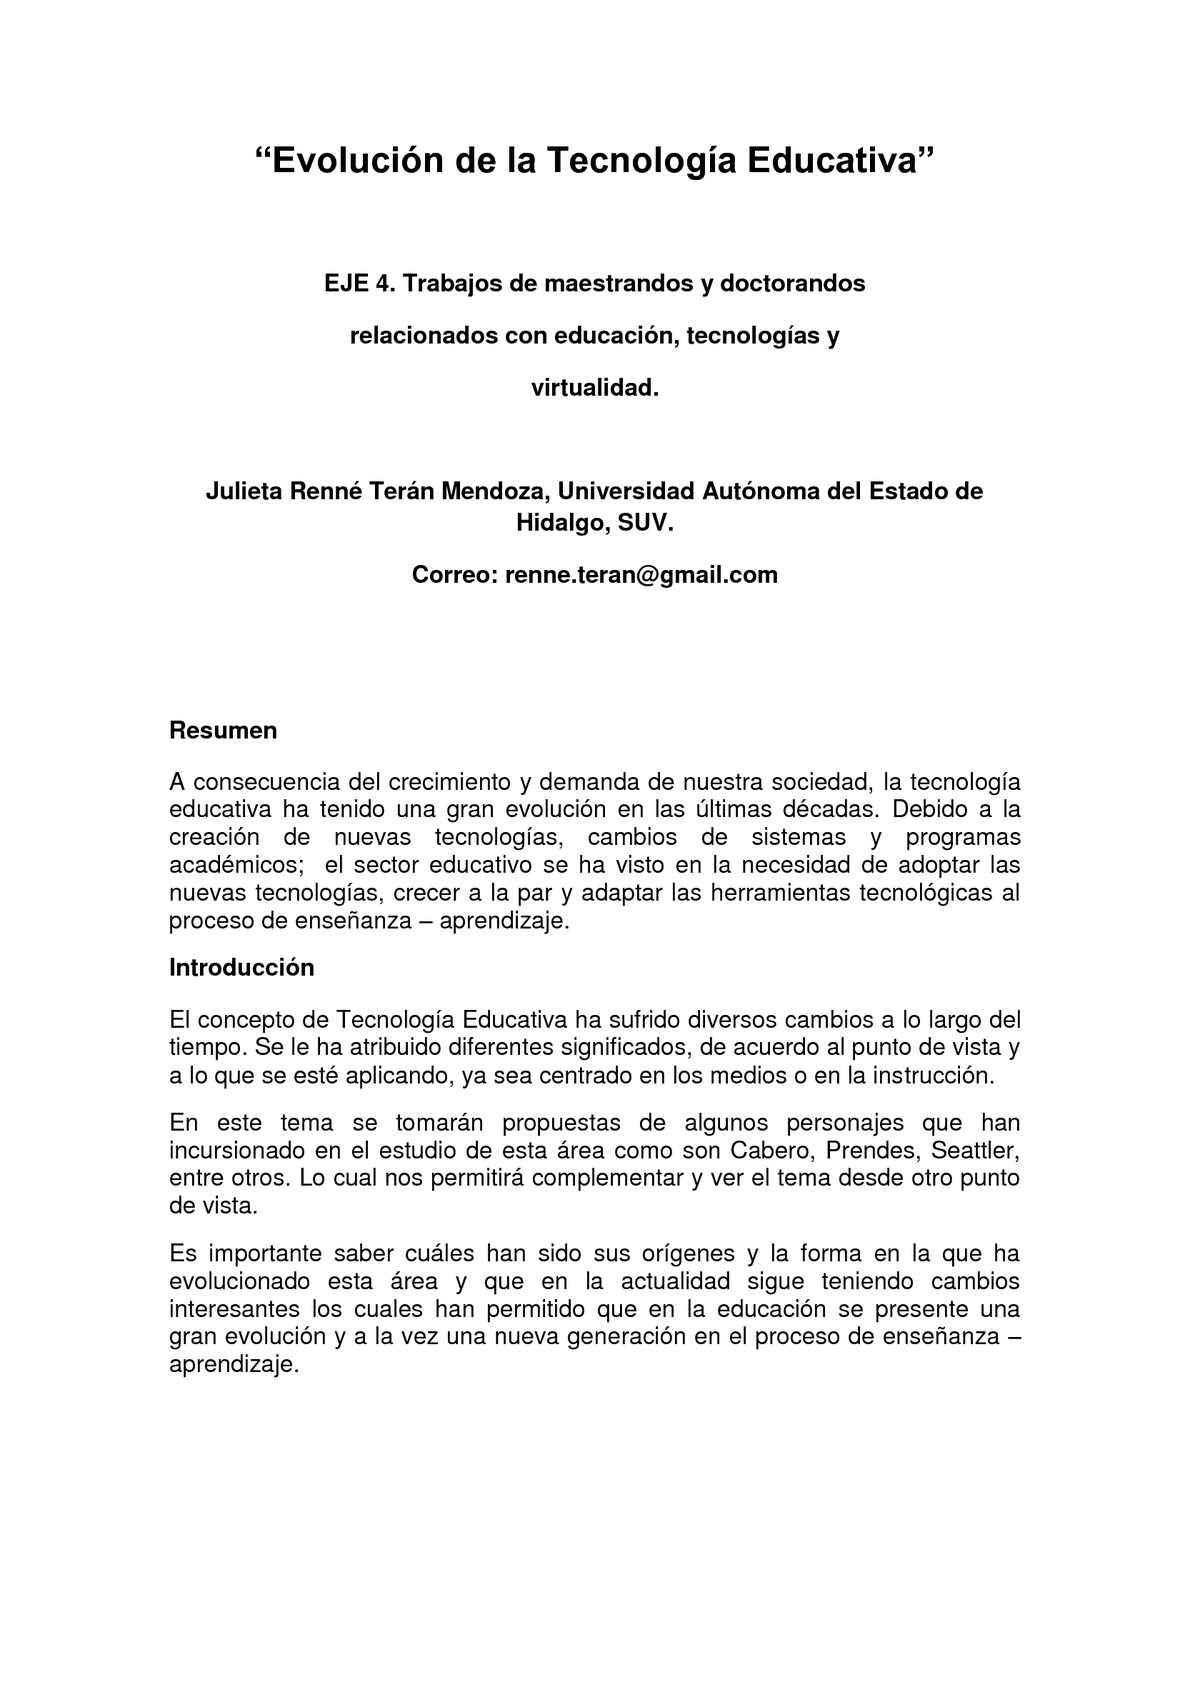 Calaméo - Evolución de la Tecnología Educativa